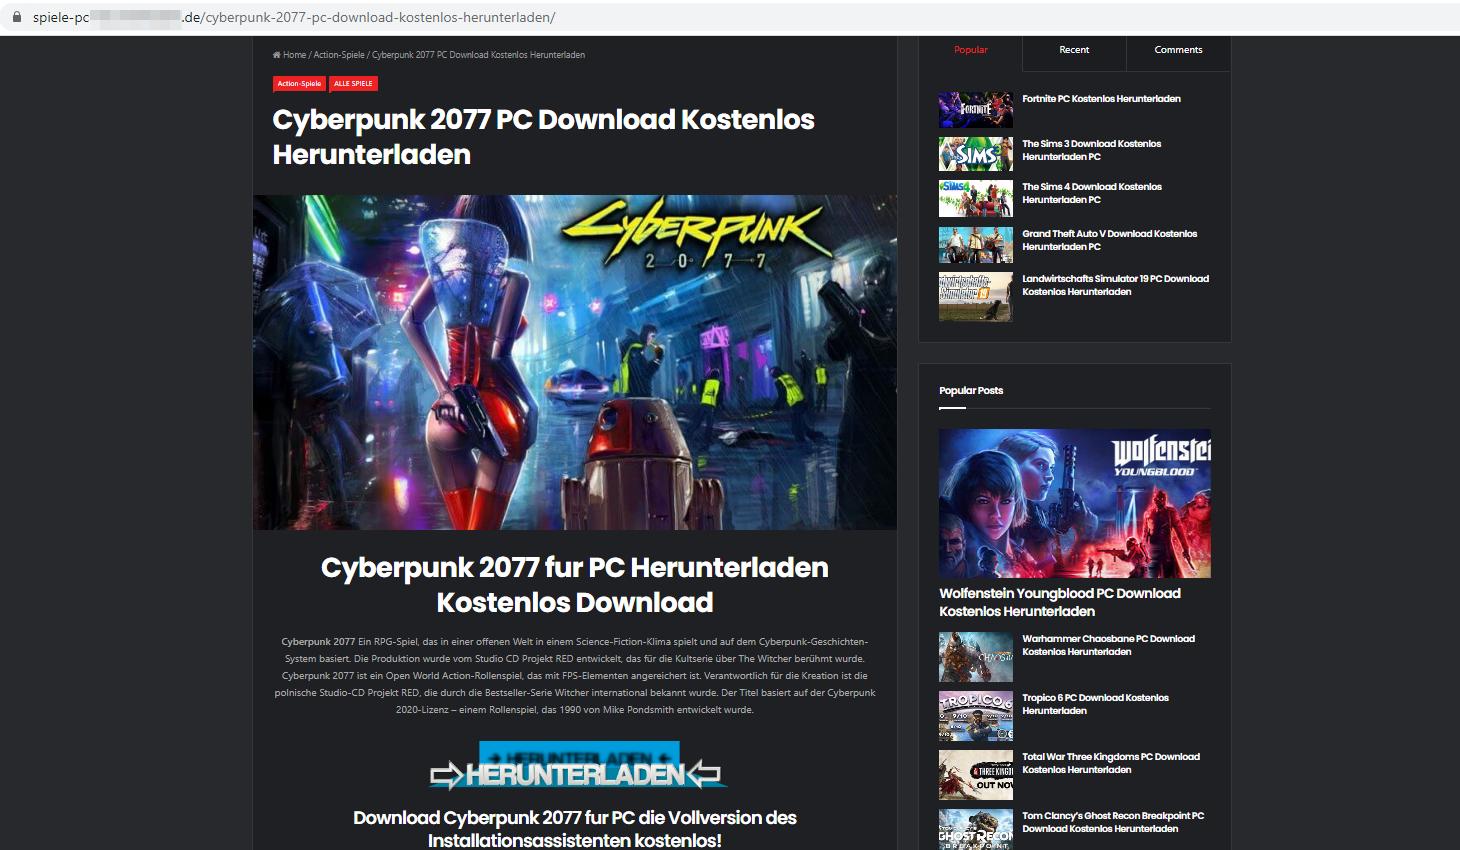 Website in Deutsch, mit einer wirklich großen Herunterladen (Download) Schaltfläche